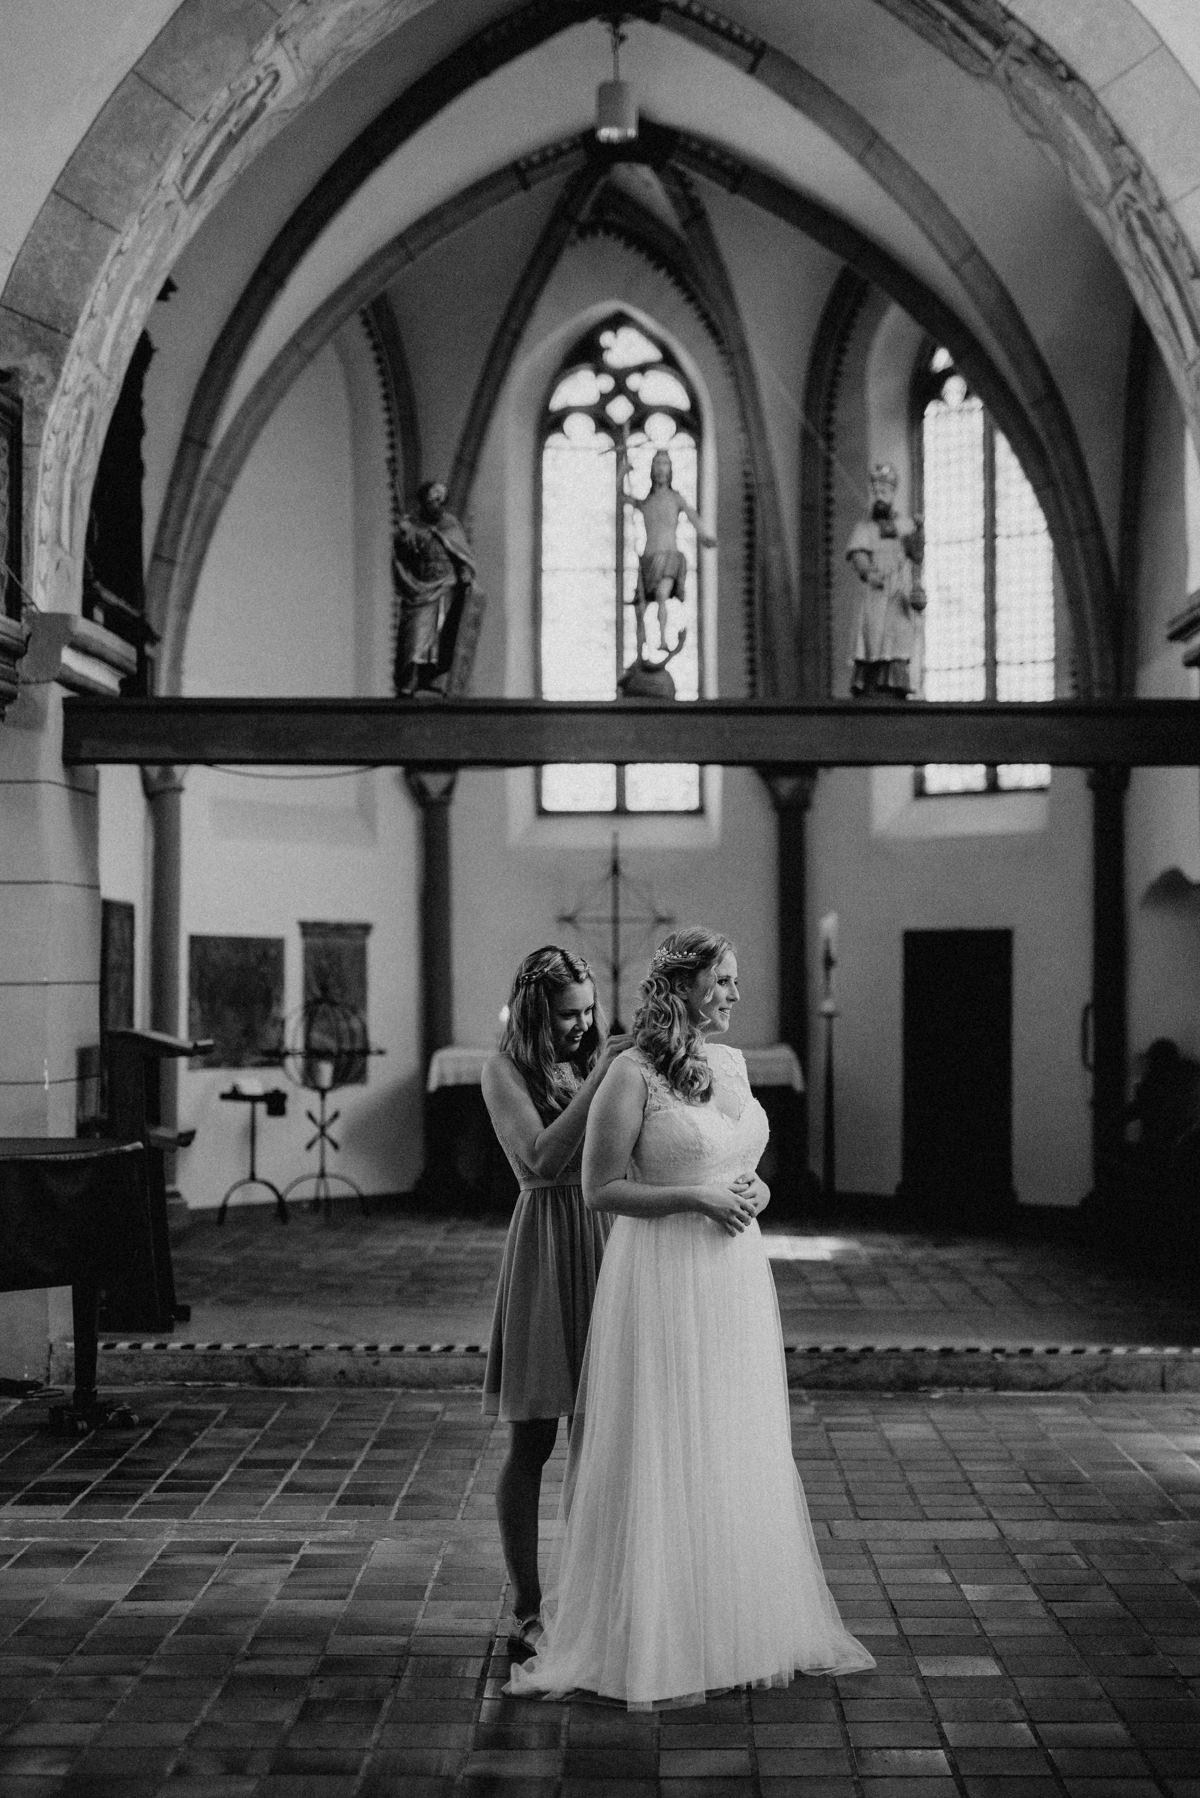 kirasteinfotografie_sina_sven_hochzeit_fotografie_boho_vintage_nrw-22